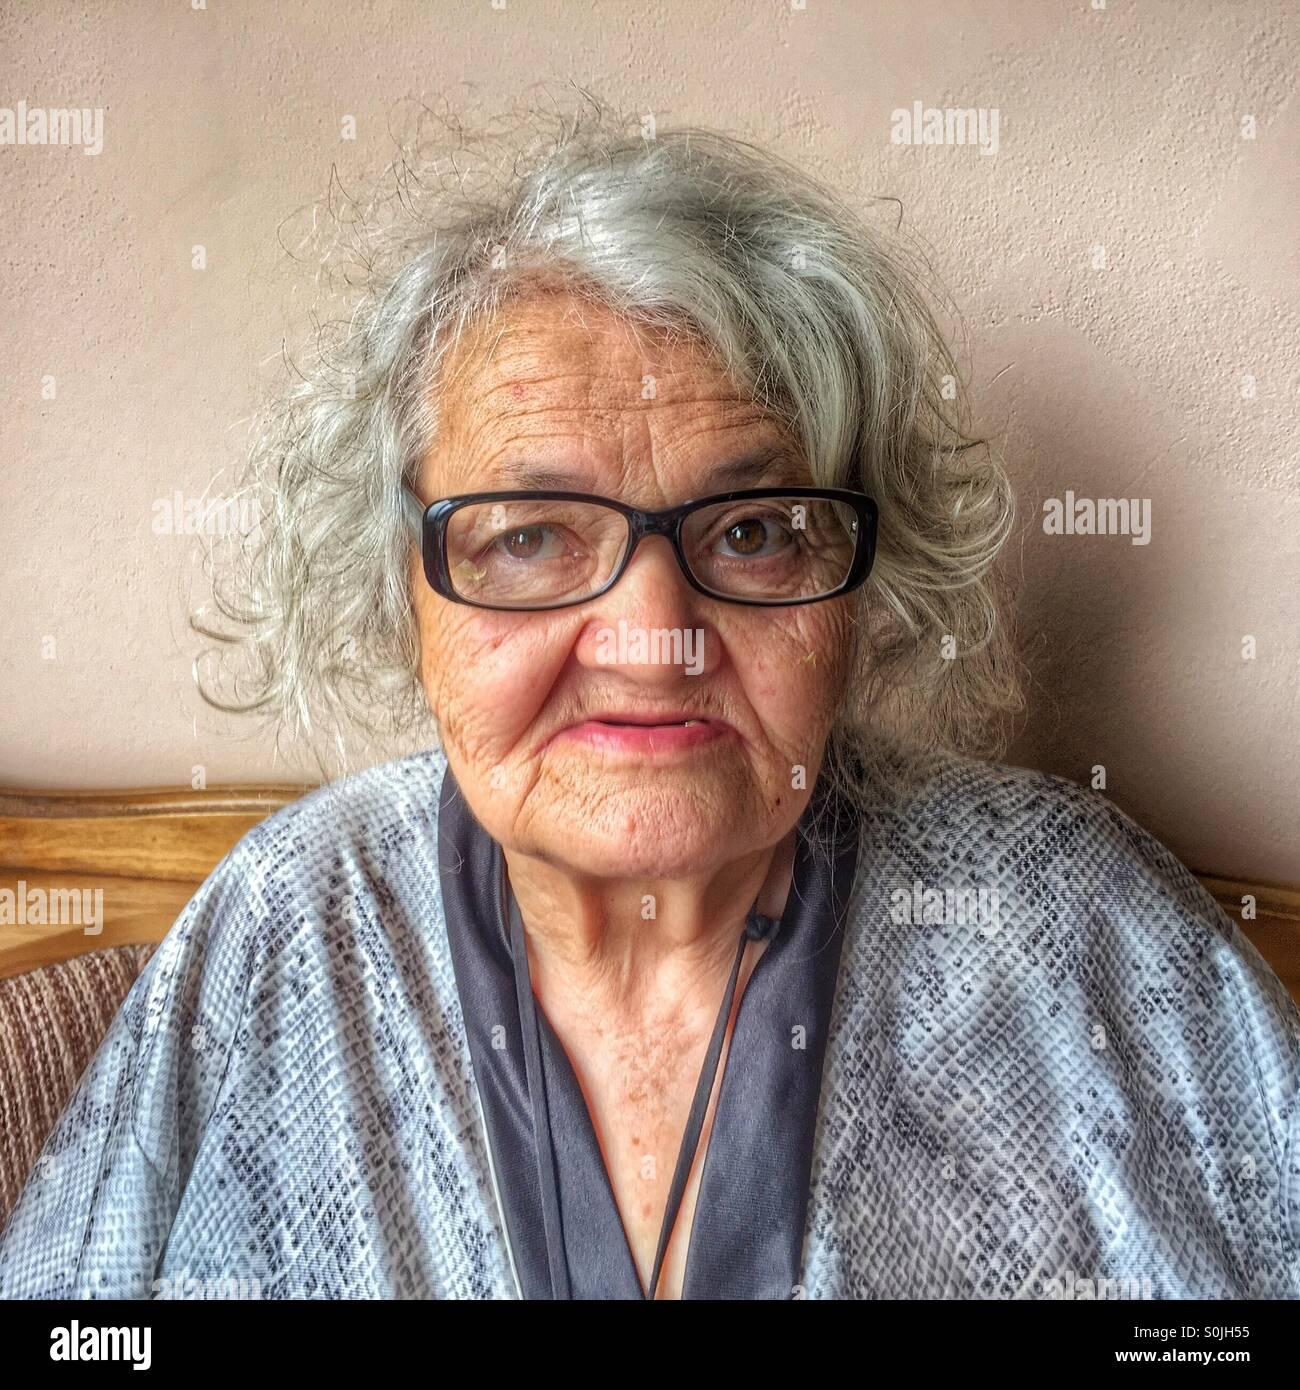 Alte Frau denken, portrait Stockbild